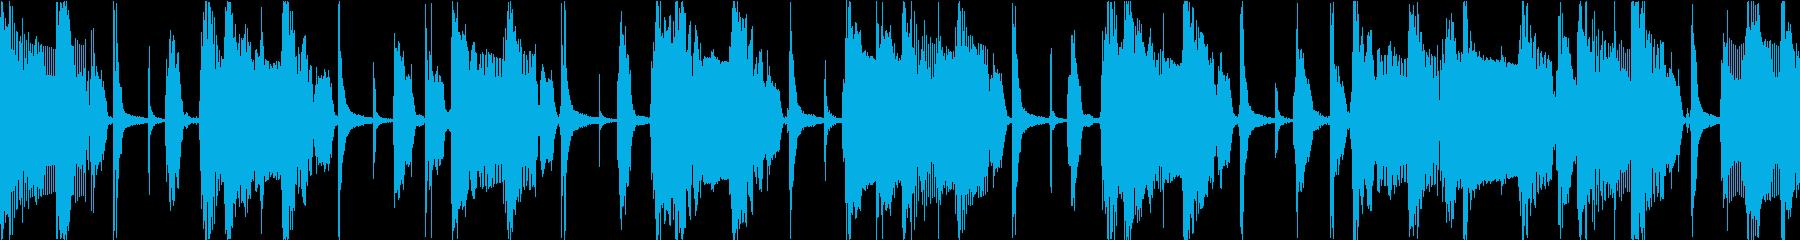 レゲエ風のコミカルBGMの再生済みの波形